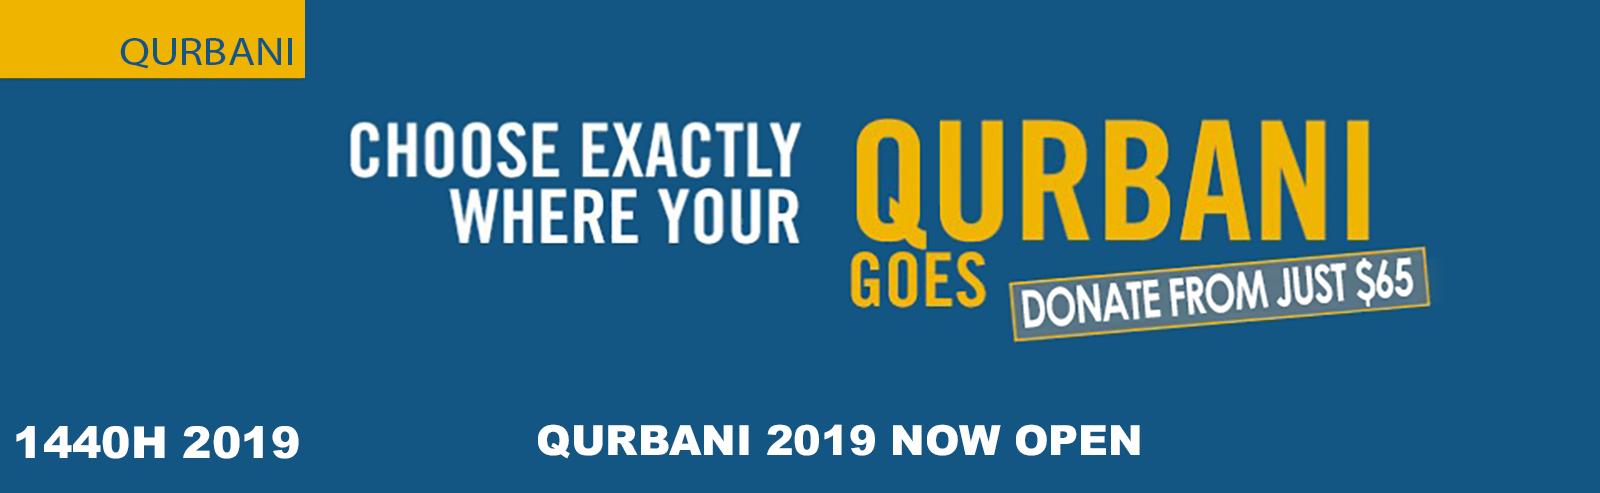 Qurbani/Udhiya 2019 - Qurbani Foundation